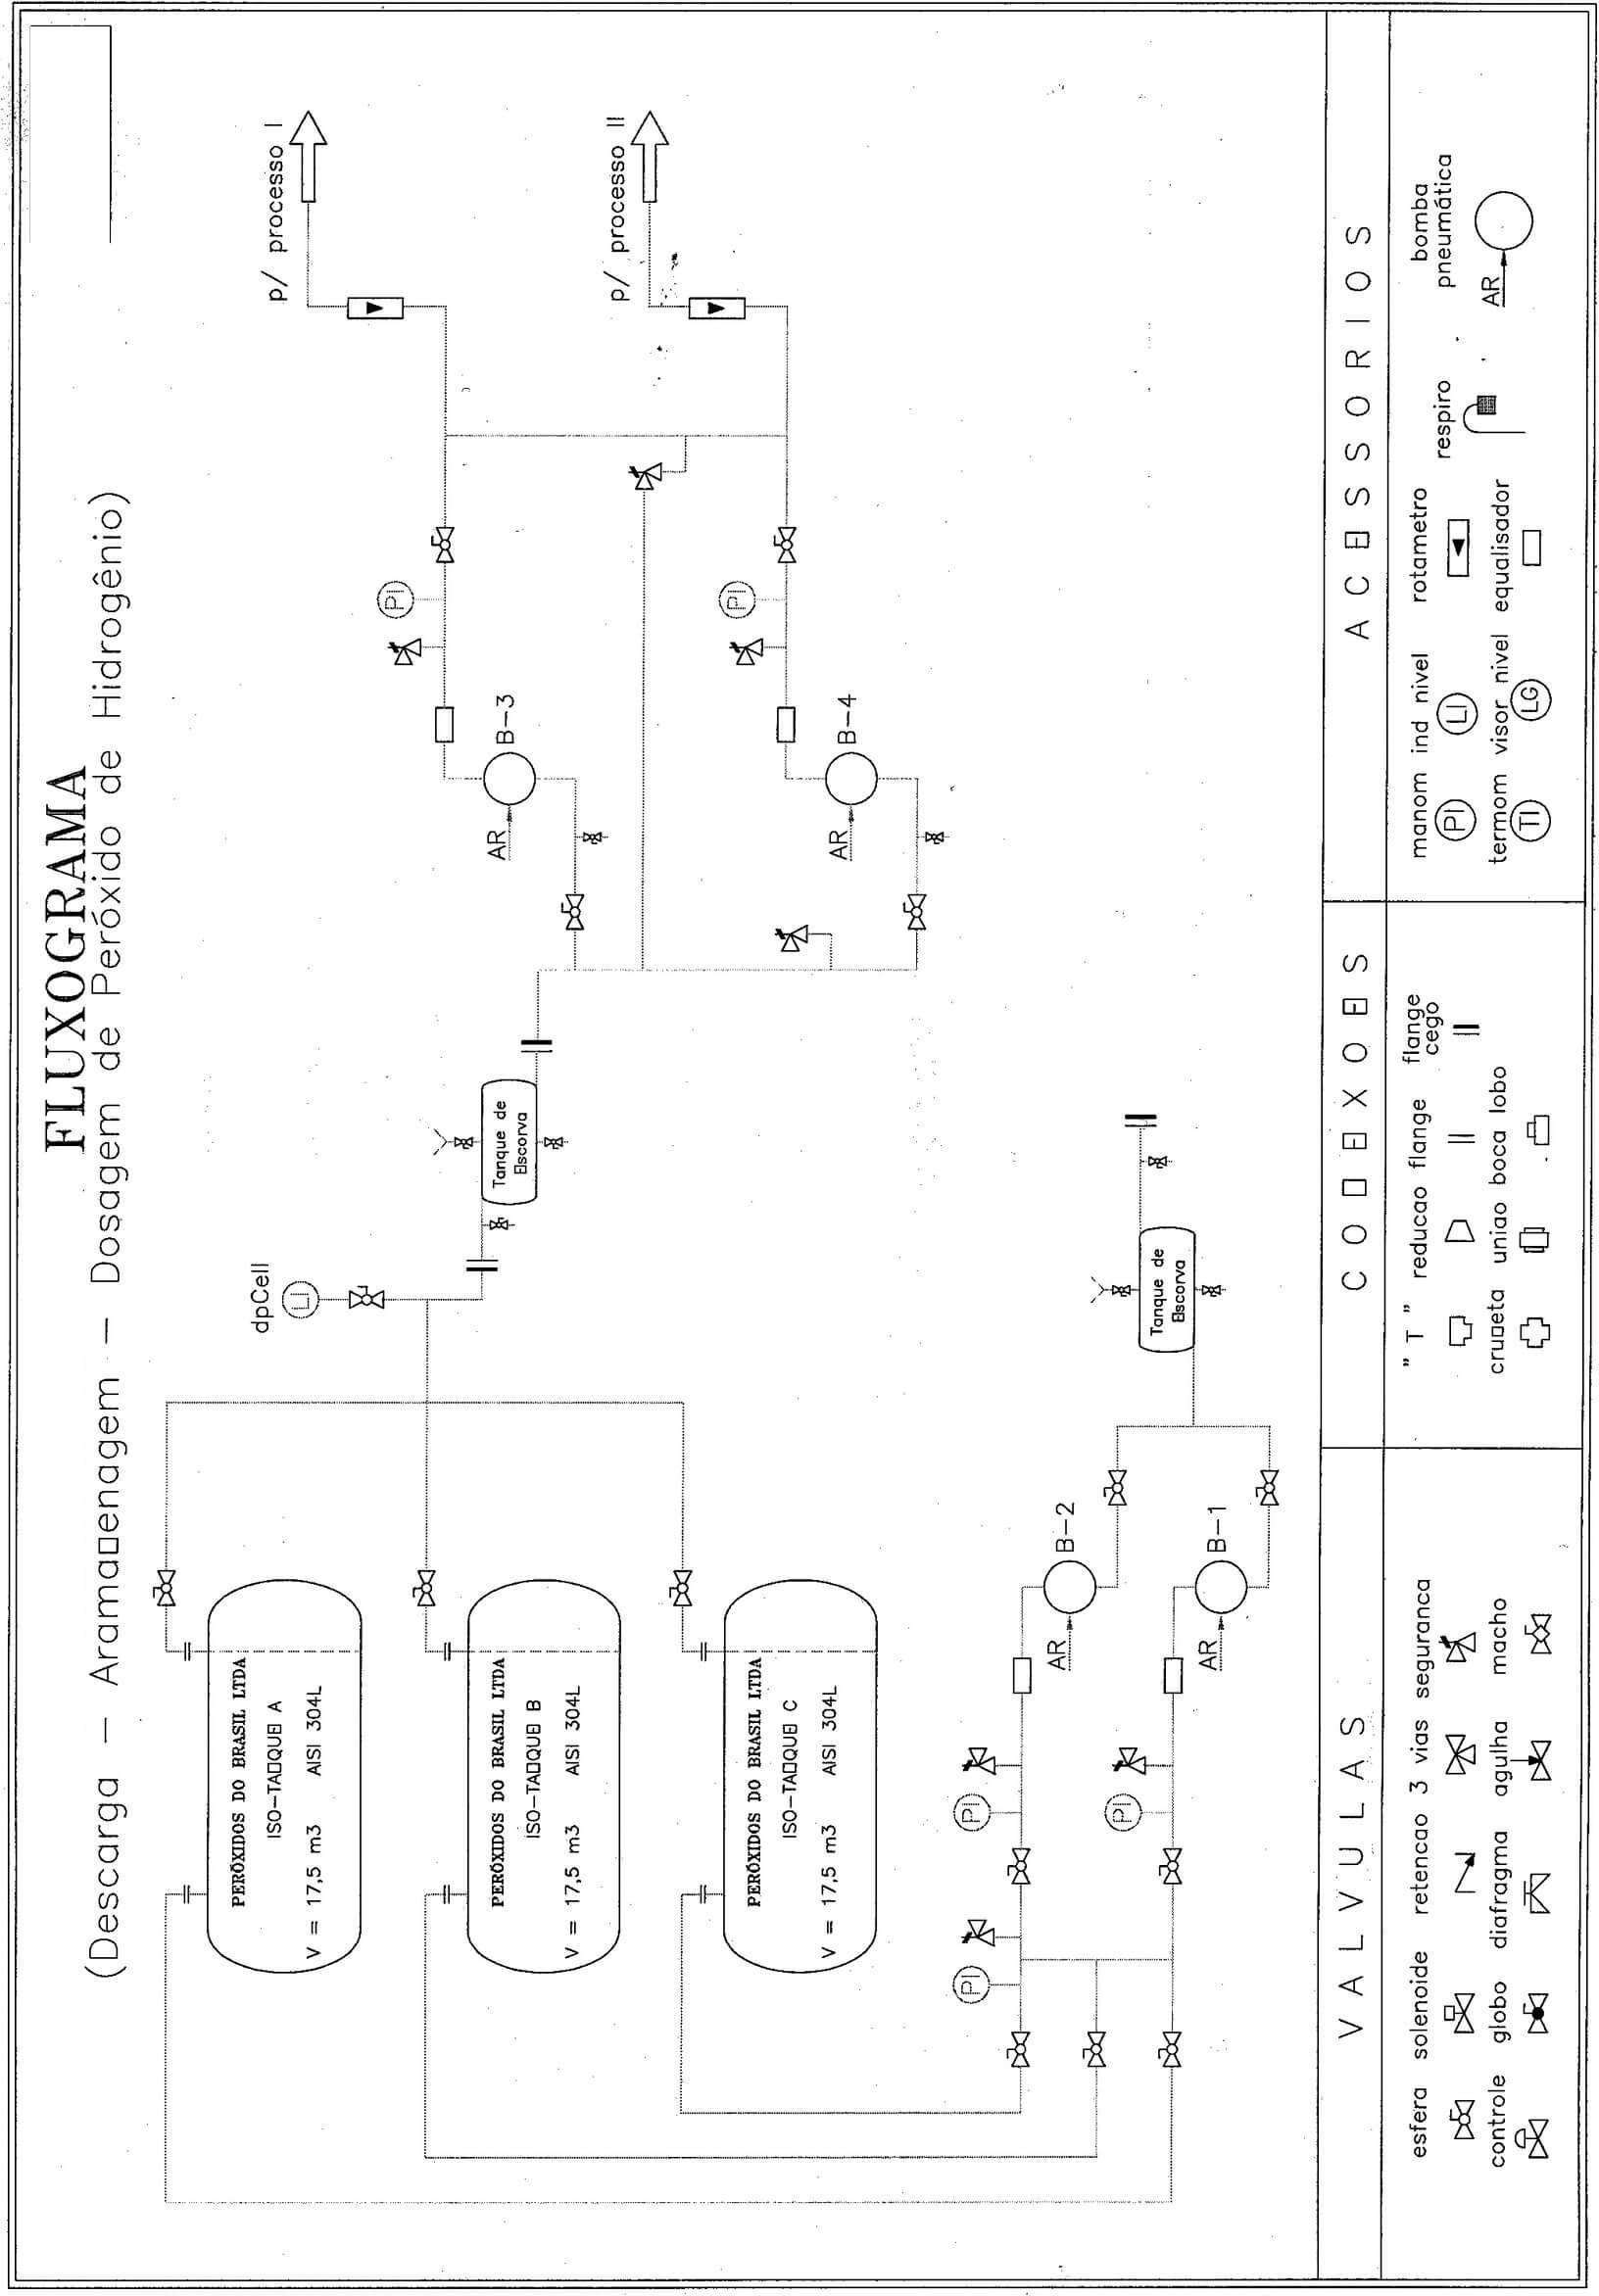 Hydrogen Peroxide Detoxification of Cyanide System